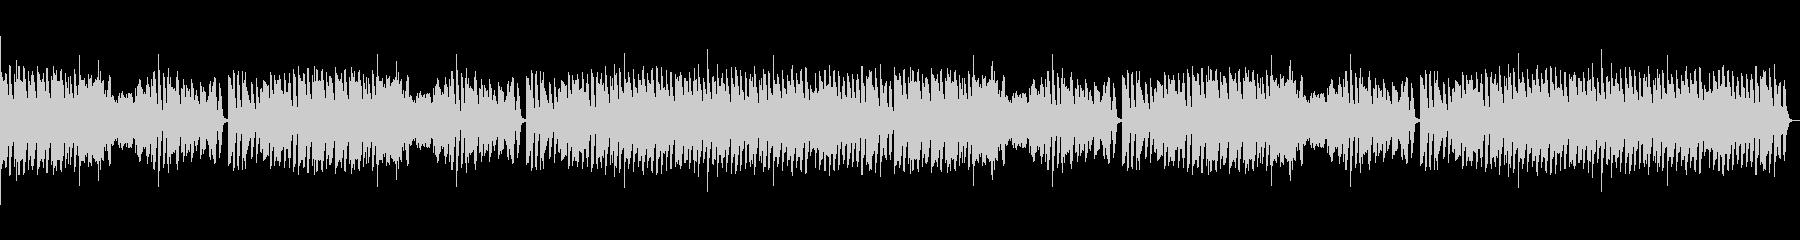 メイプルリーフラグ ピアノ(速いver)の未再生の波形